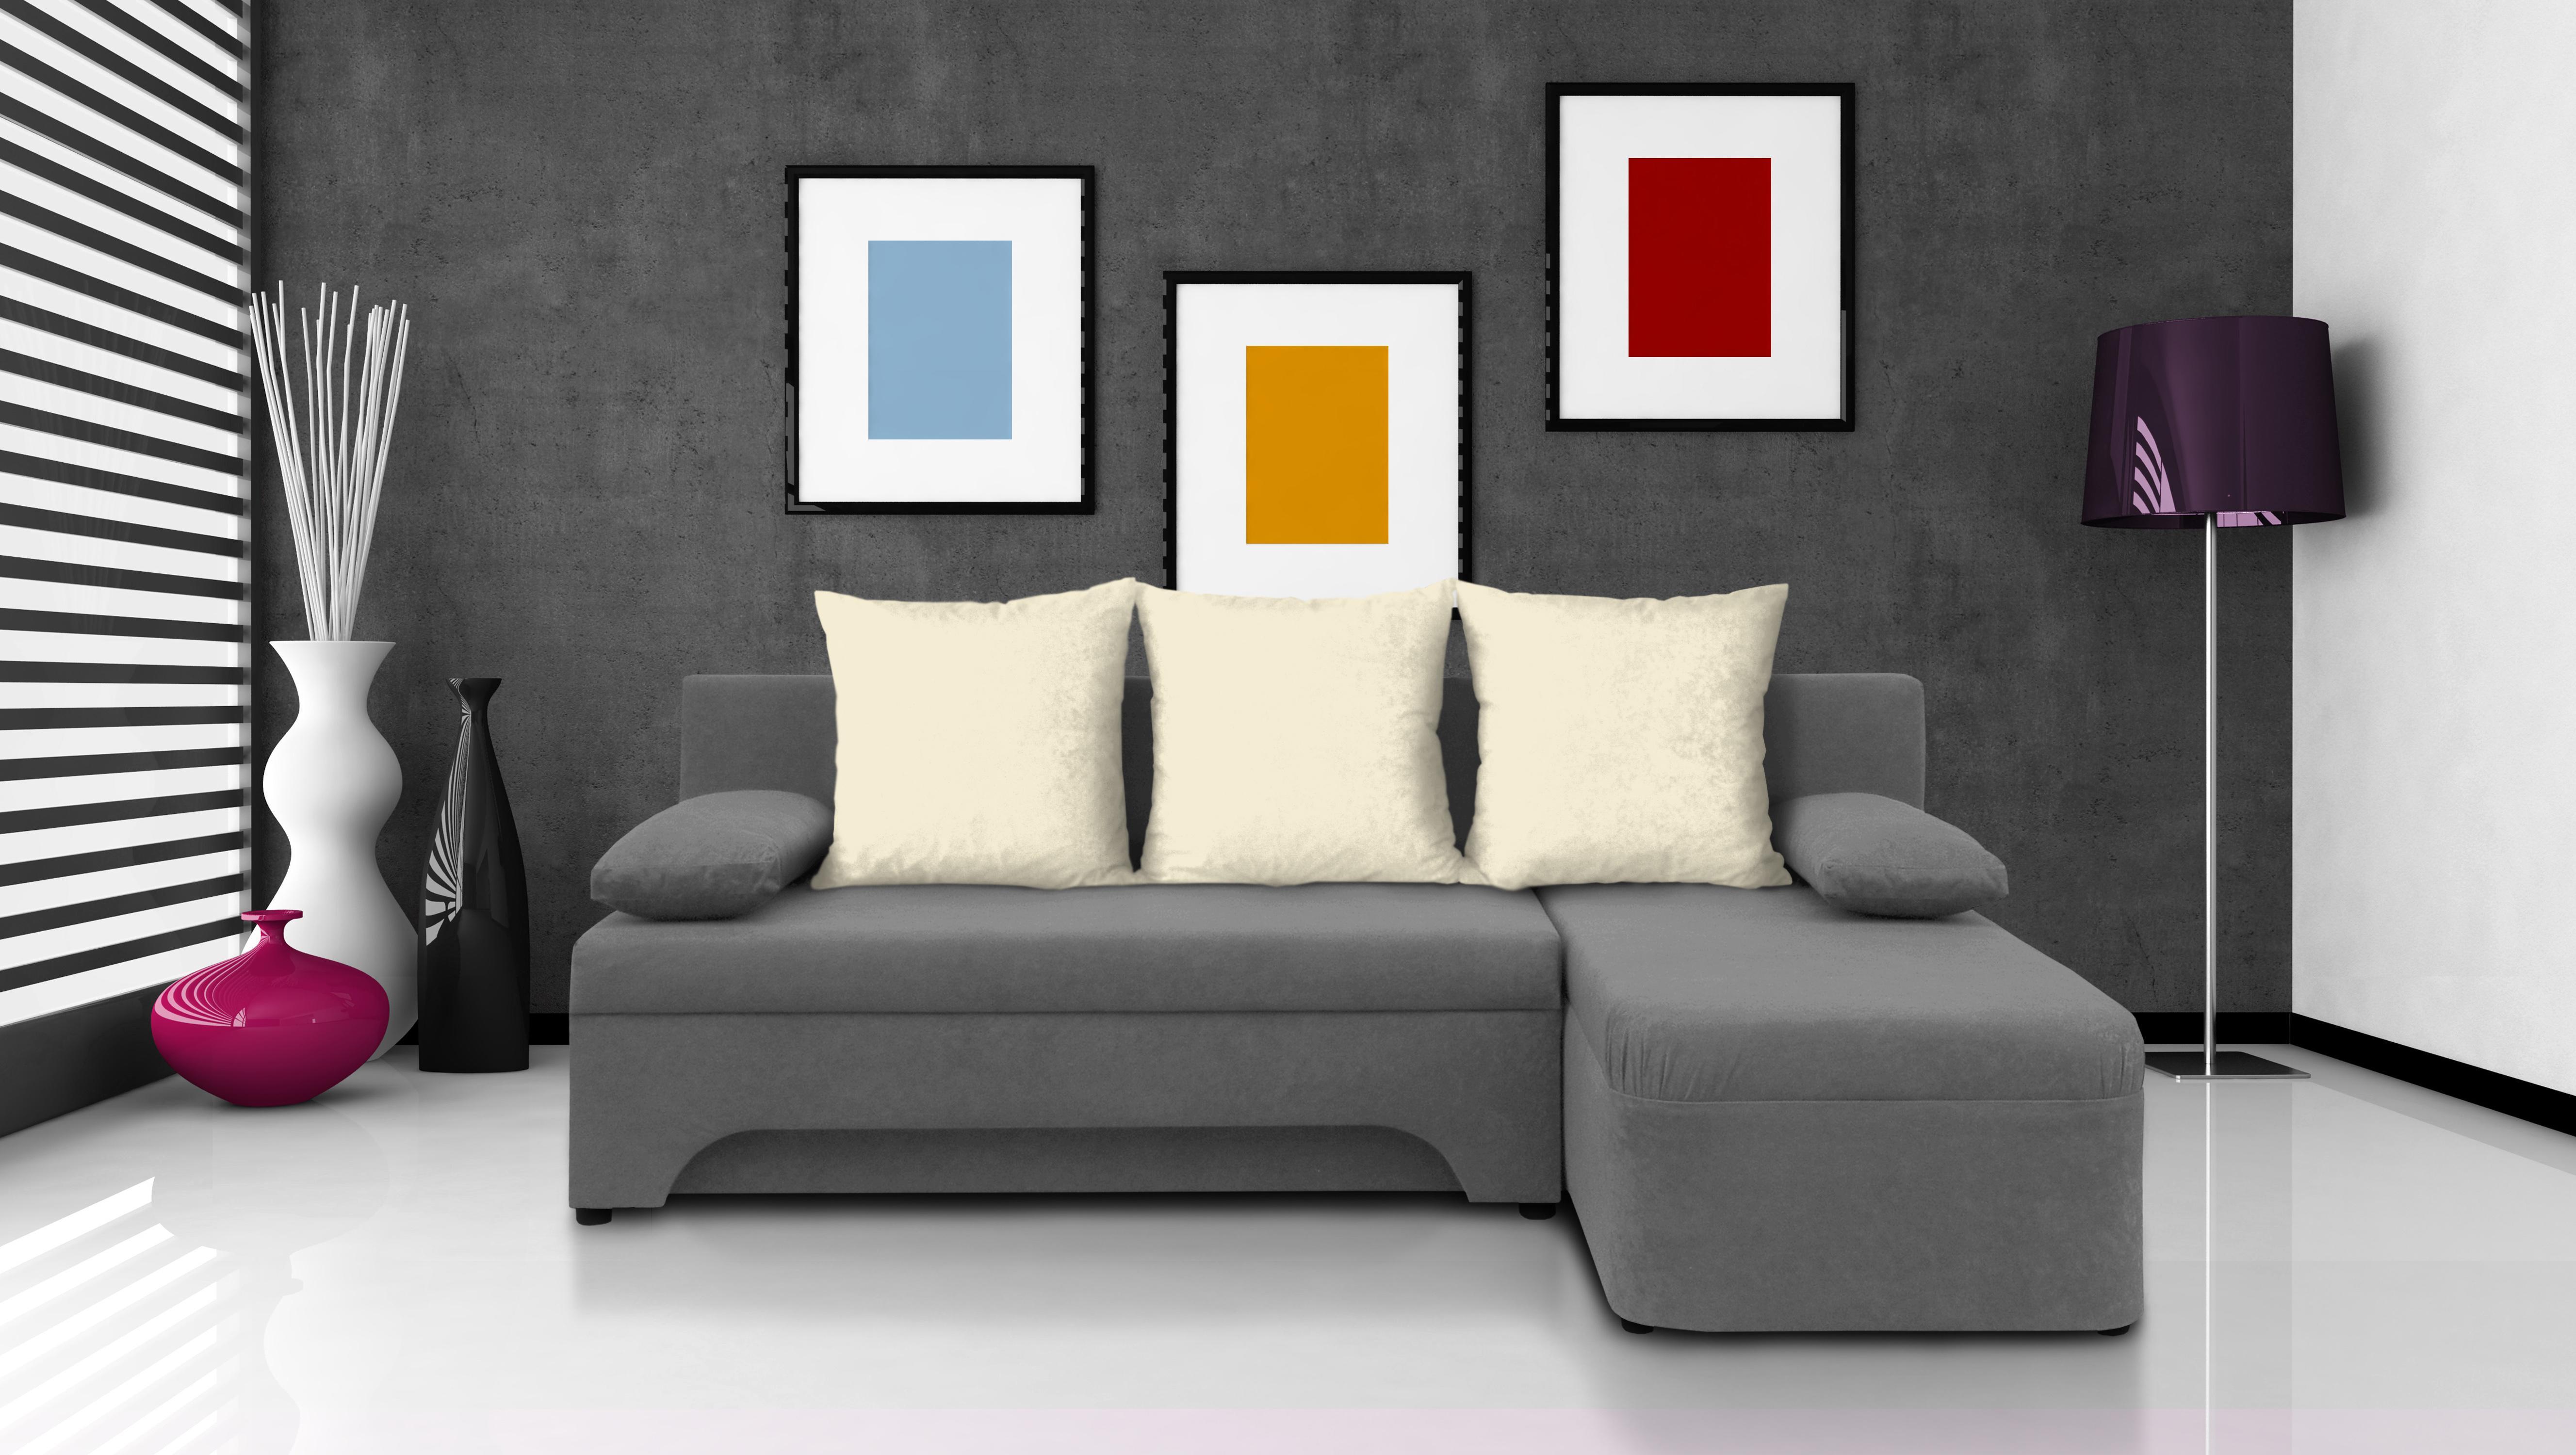 Rohová sedačka - Saline - šedá + krémové polštáře - (2 úložné prostory, pěna)